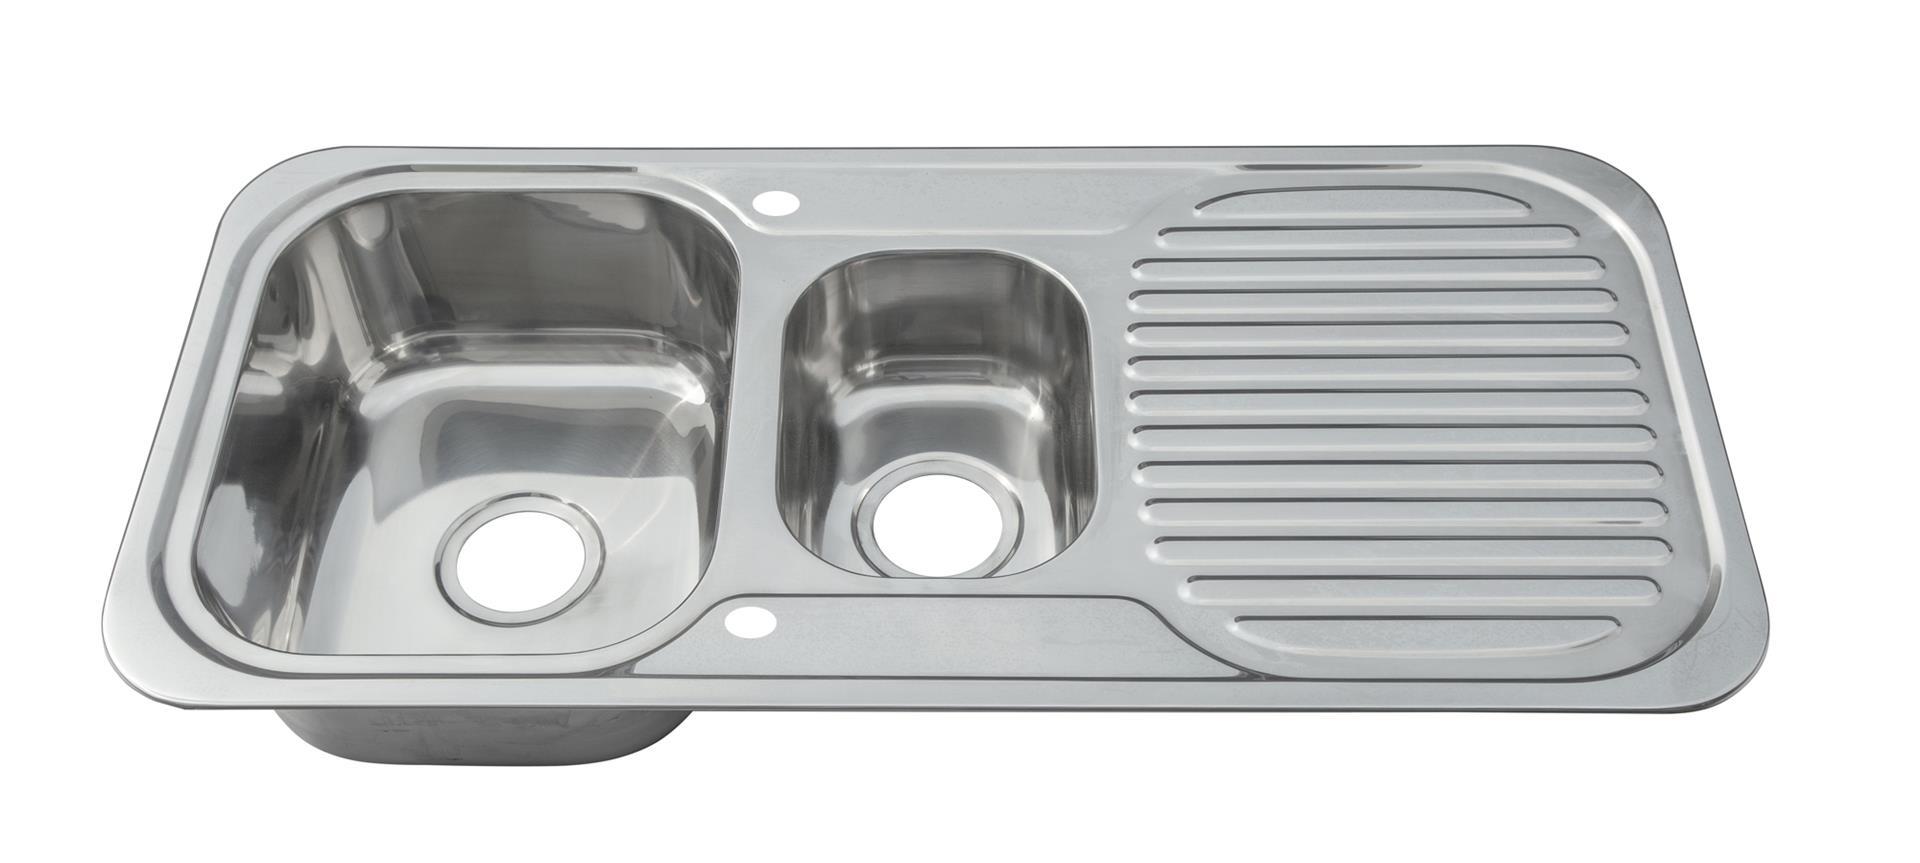 Küchen Doppelbecken 1.5 Einbauspüle. Diese Spüle ist reversibel. Hahnloch Stopfen inbegriffen.